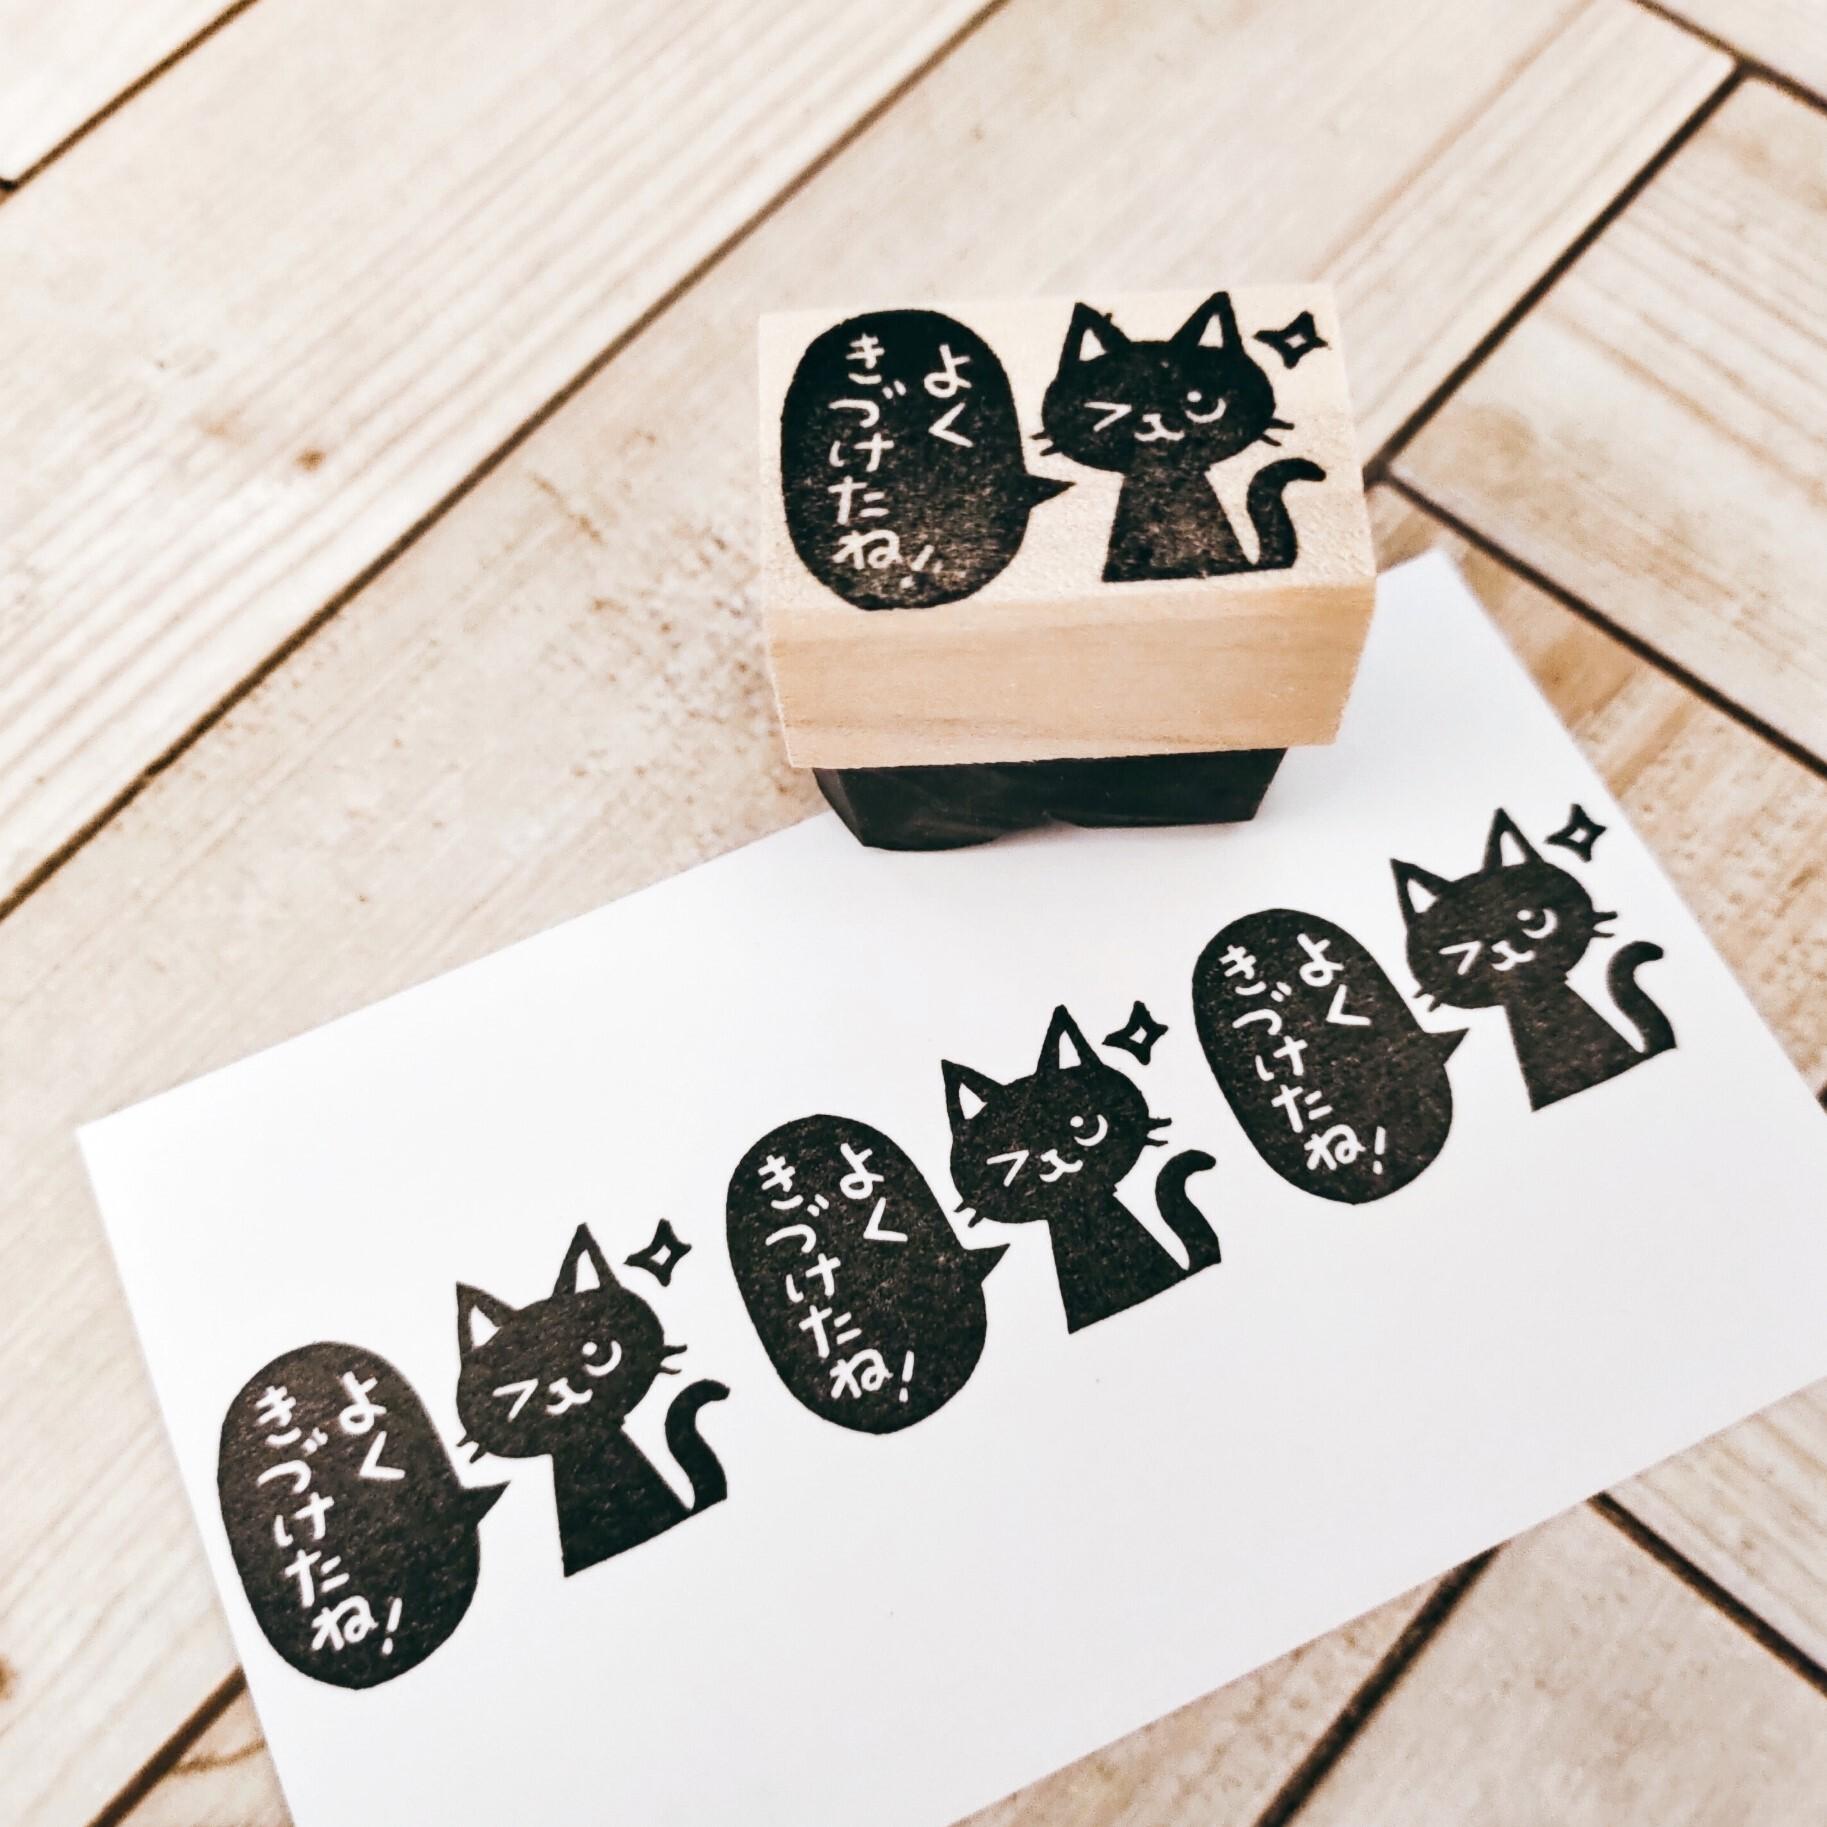 黒猫「よくきづけたね!」